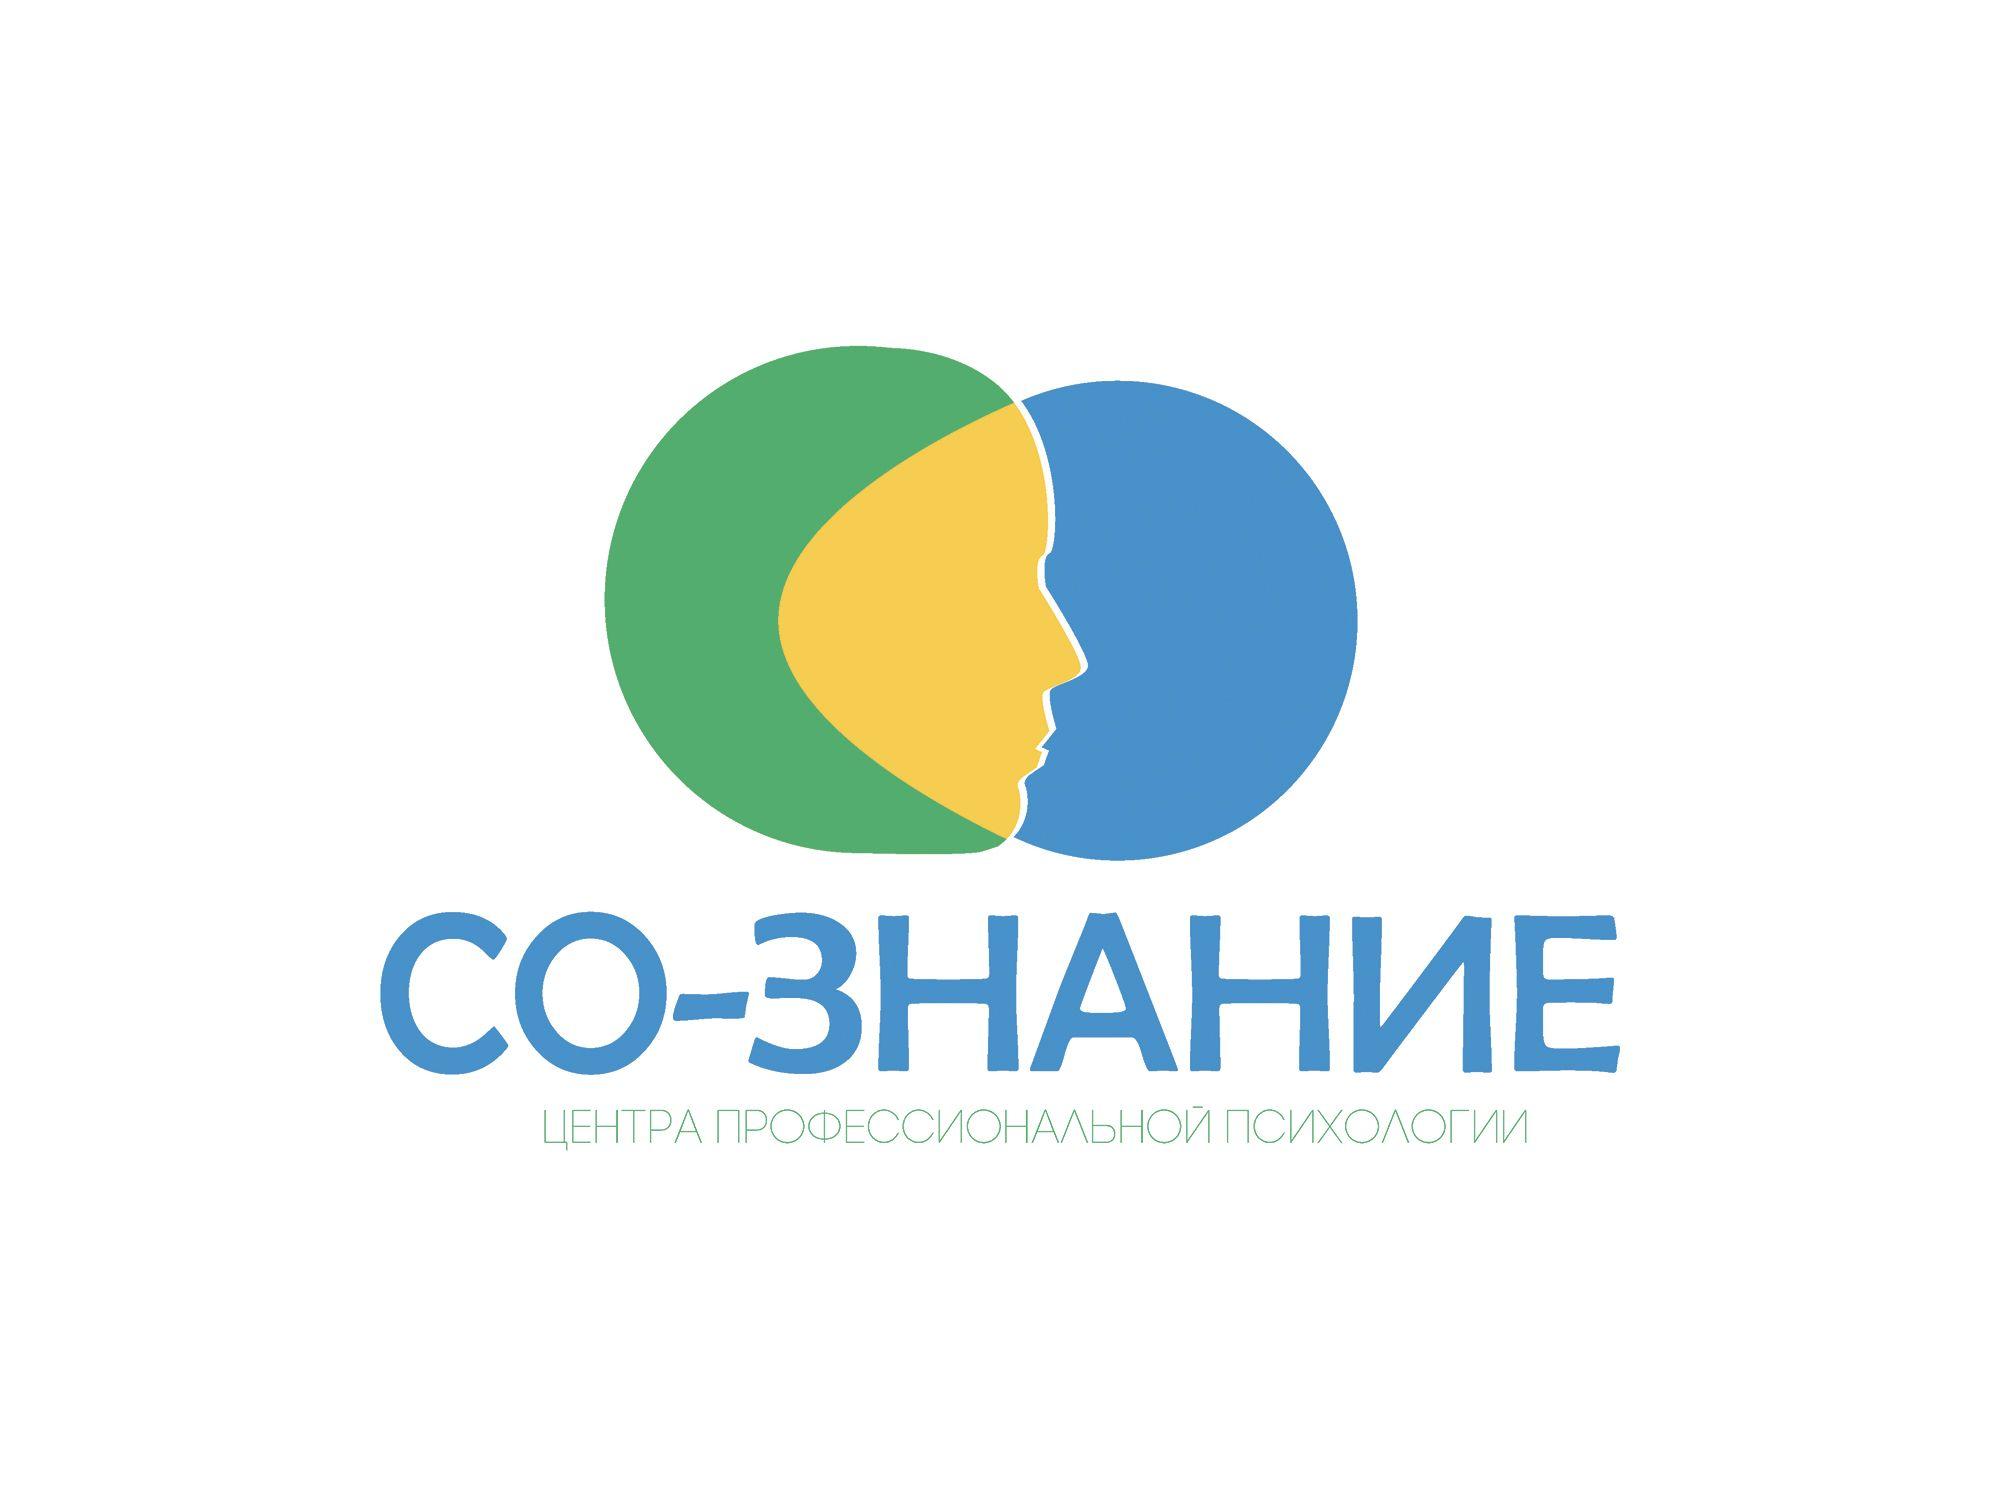 Логотип для СО-ЗНАНИЕ - дизайнер efo7